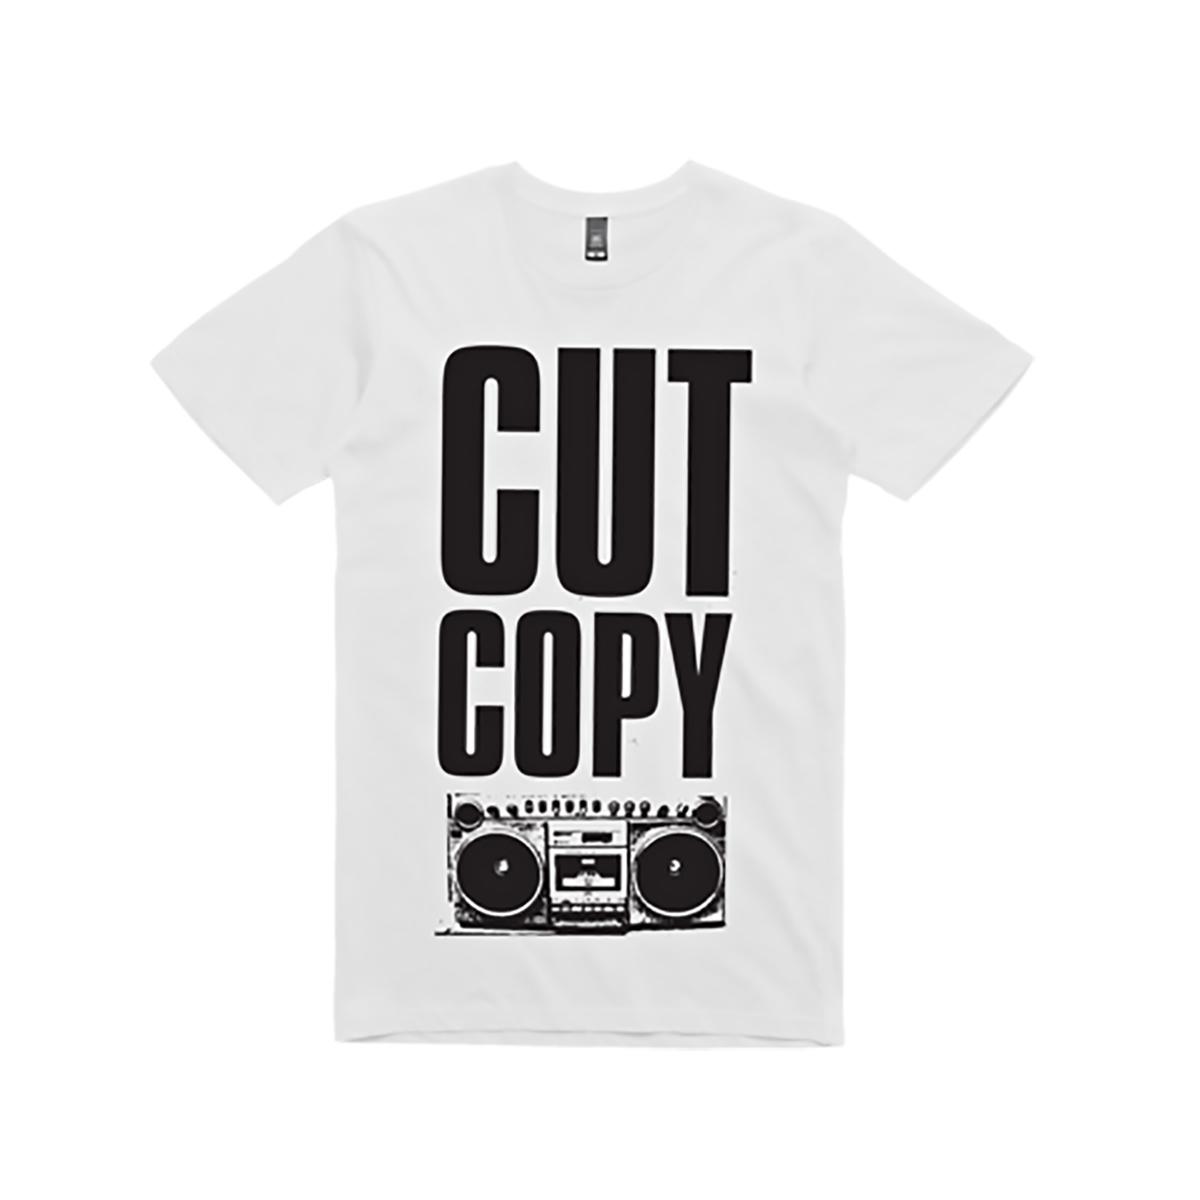 Cut Copy Boom Box T-Shirt - White